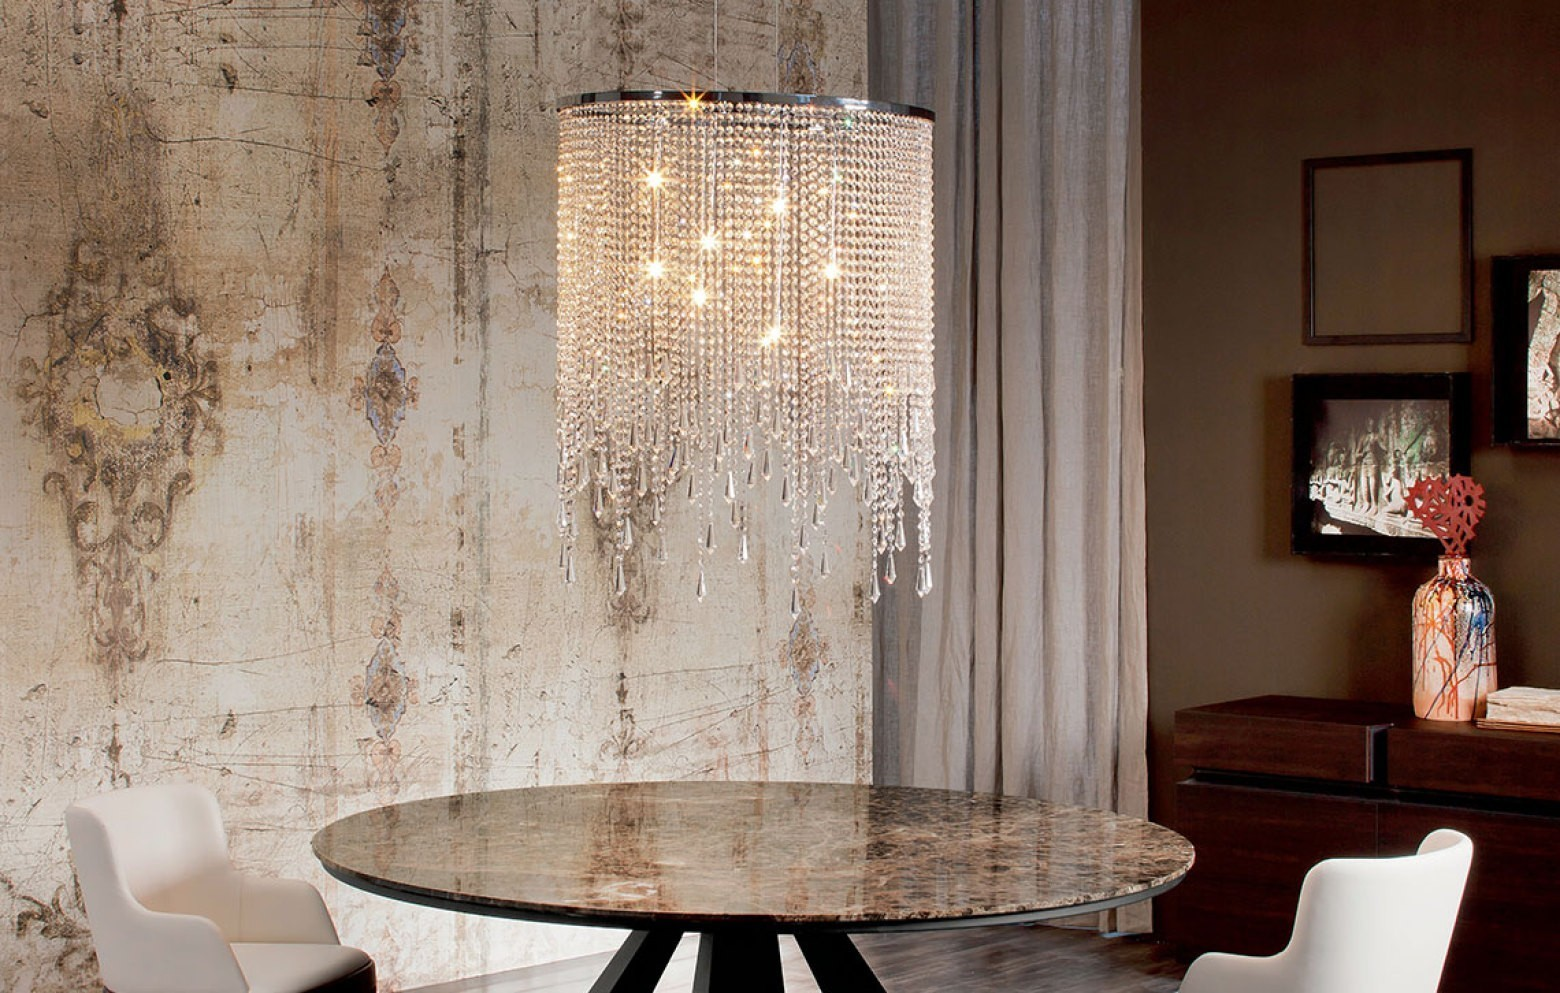 venezia lampen kleinm bel accessoires who 39 s perfect. Black Bedroom Furniture Sets. Home Design Ideas